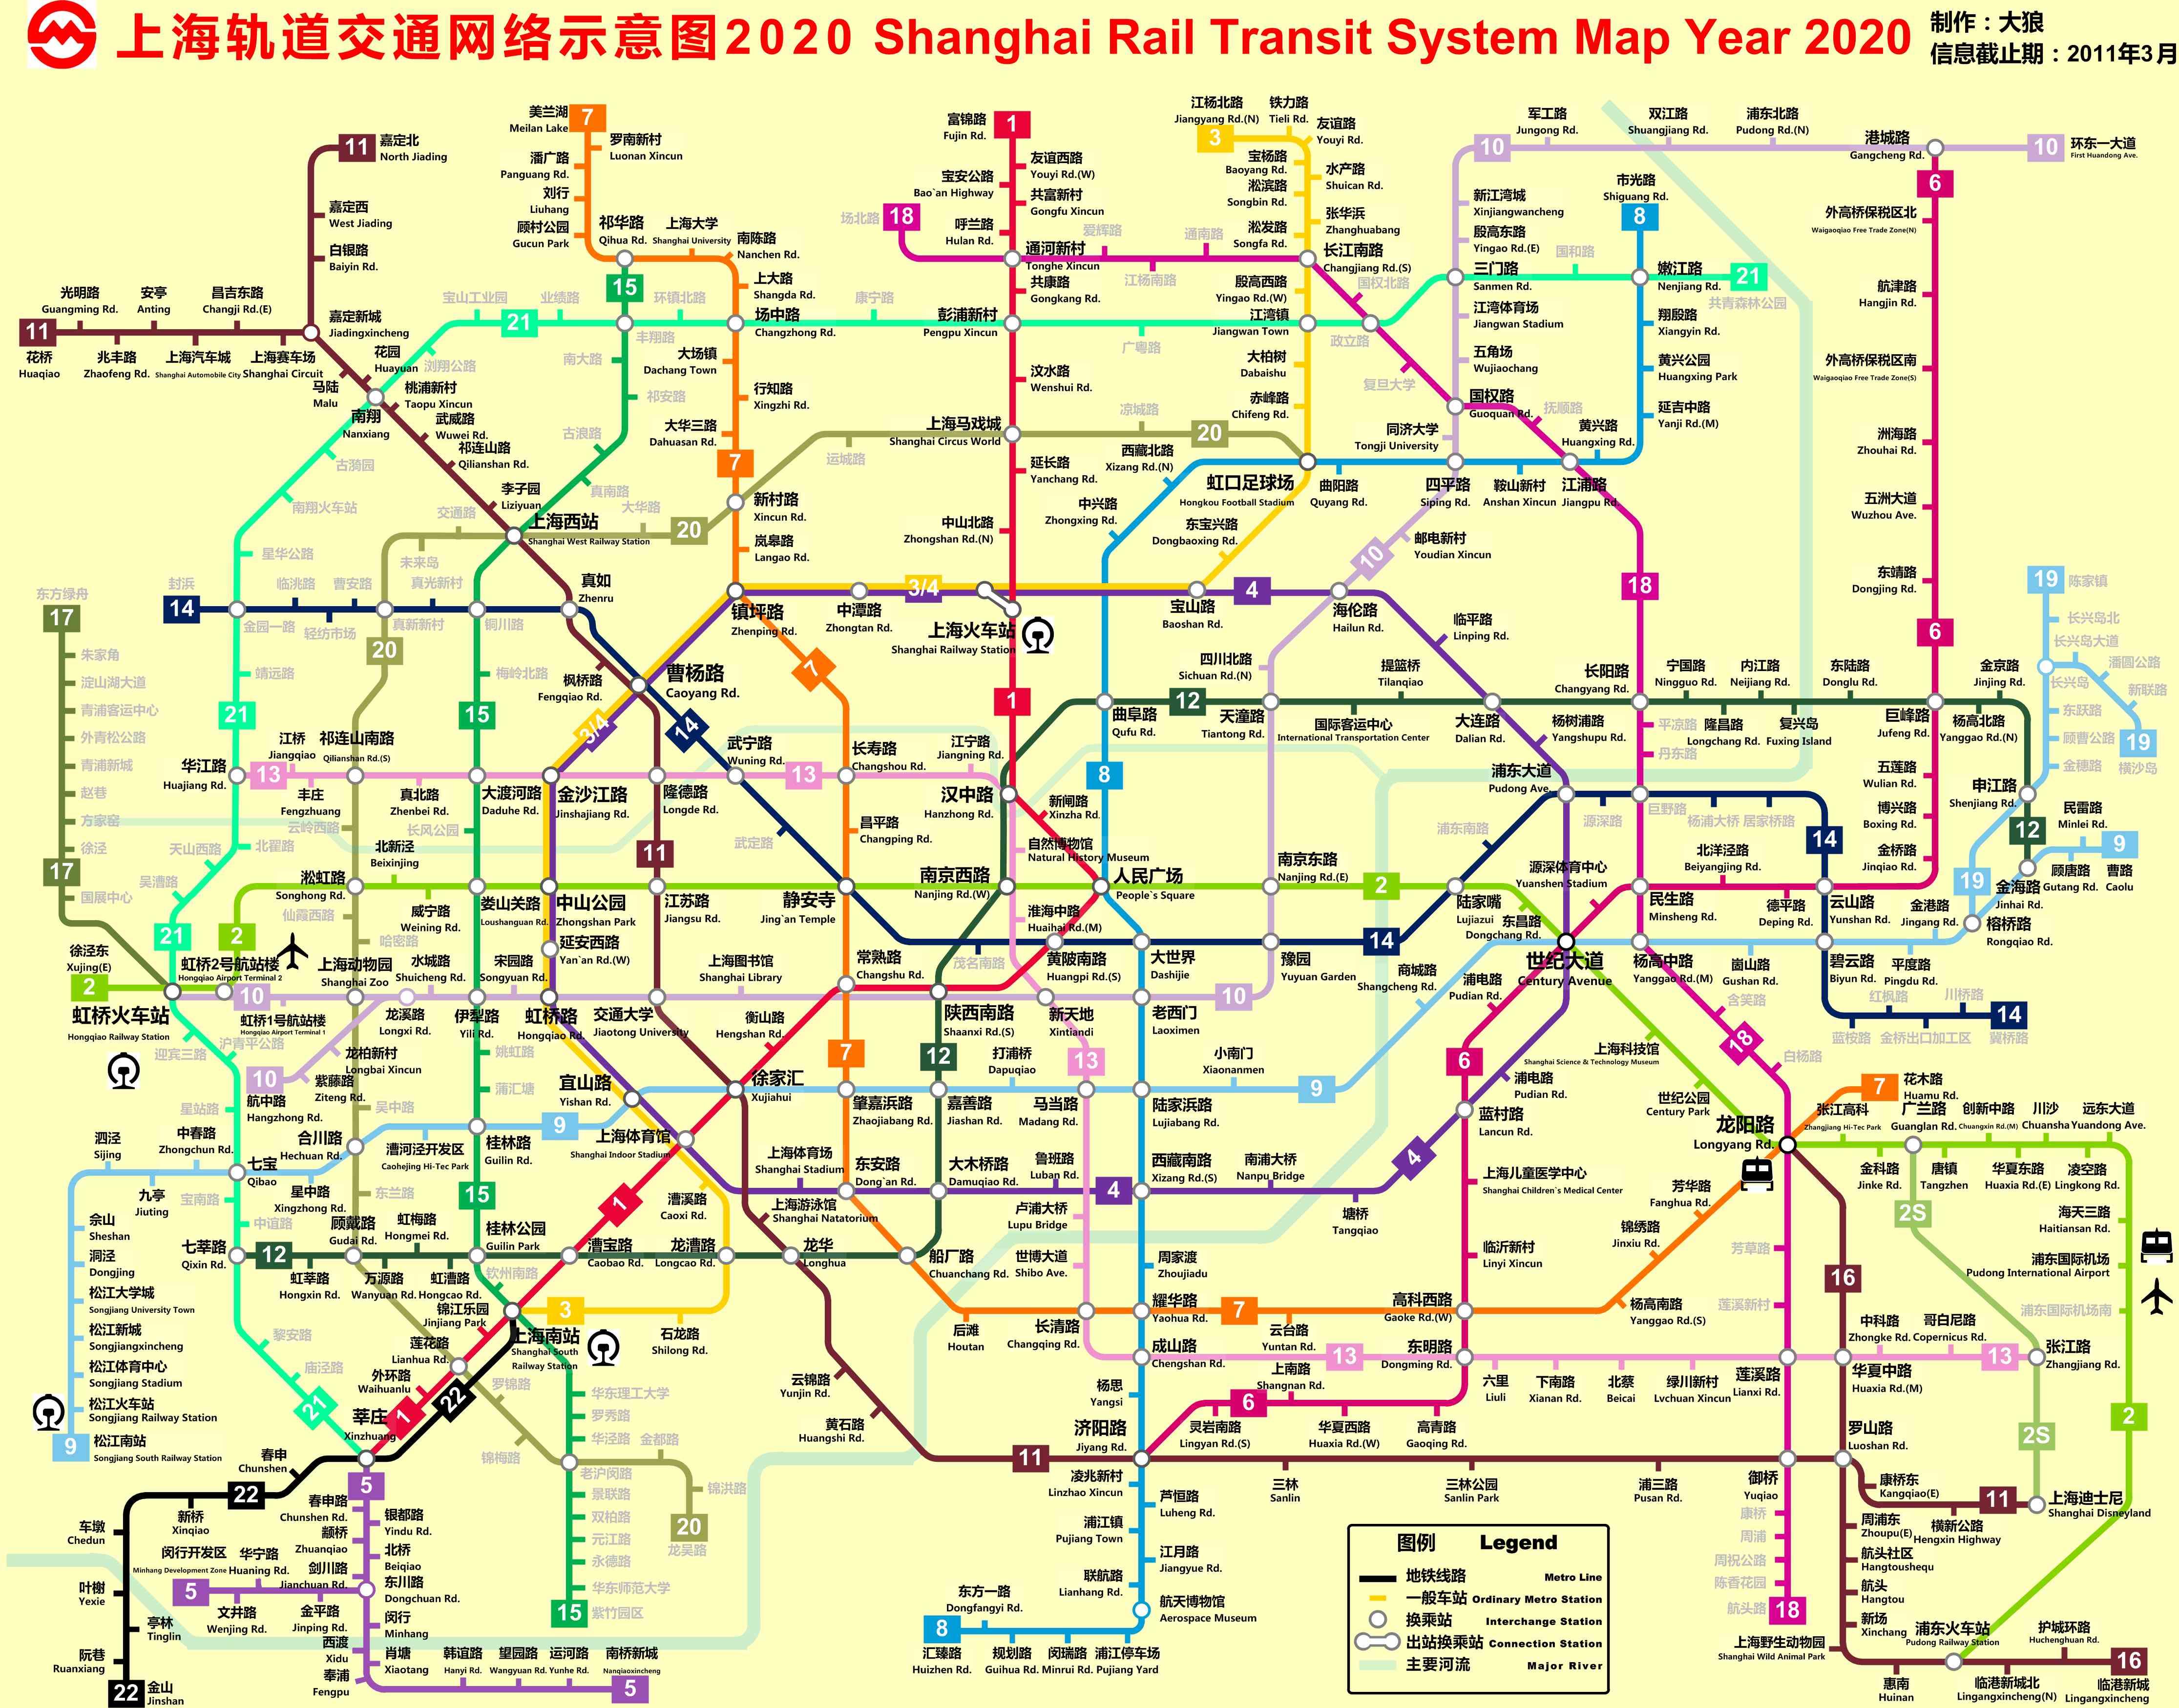 上海轨交22号线_上海轨道交通5号线站点图片 上海轨道交通5号线站点图片大全 ...